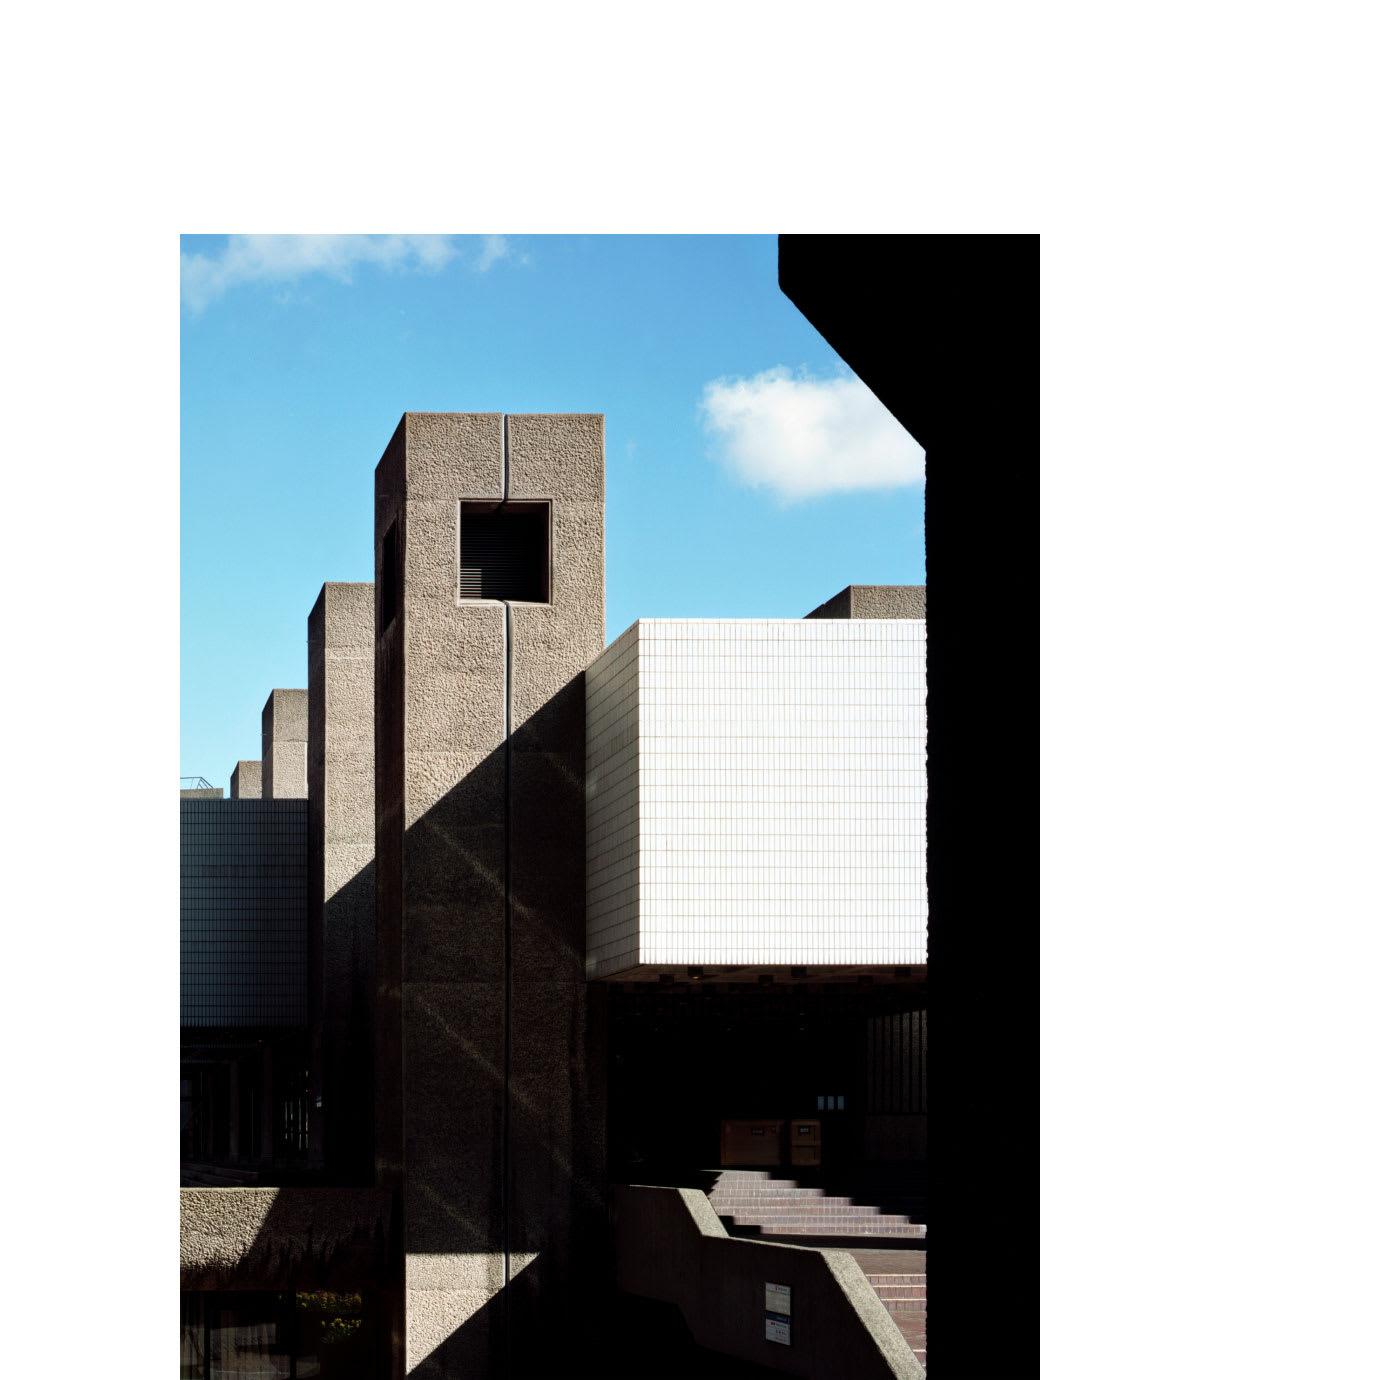 A brutalist architecture building.